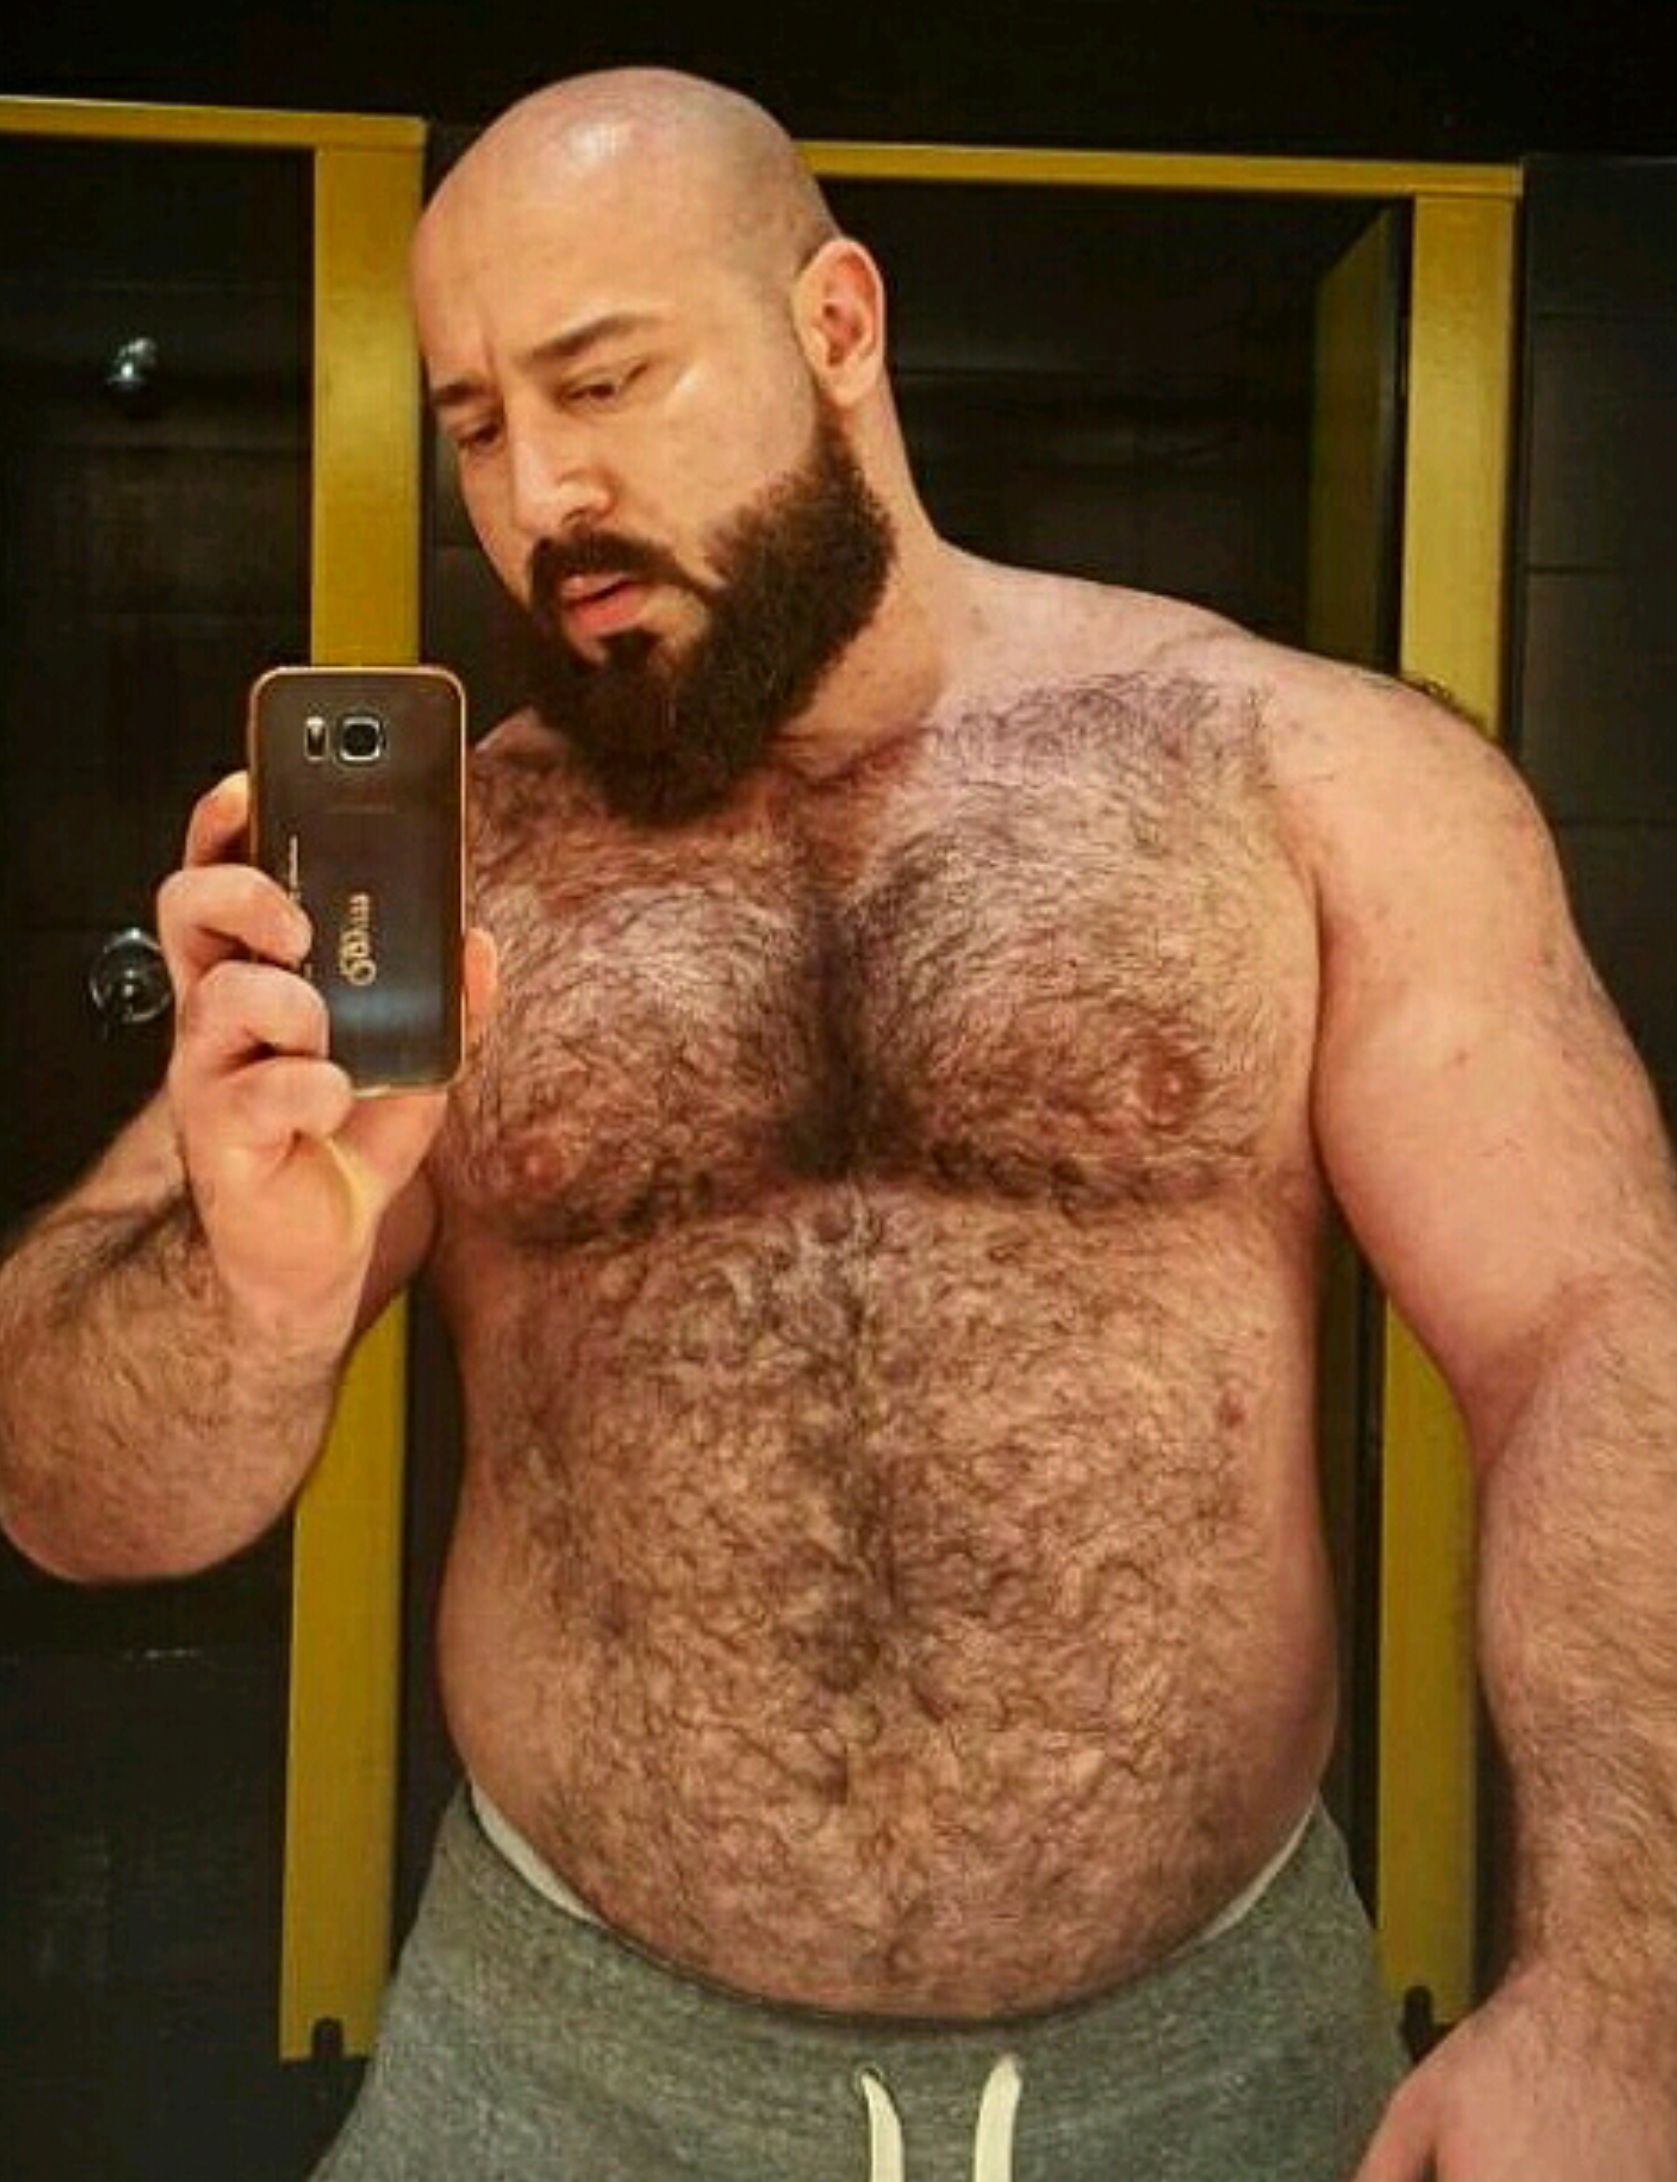 Polo shirt porn